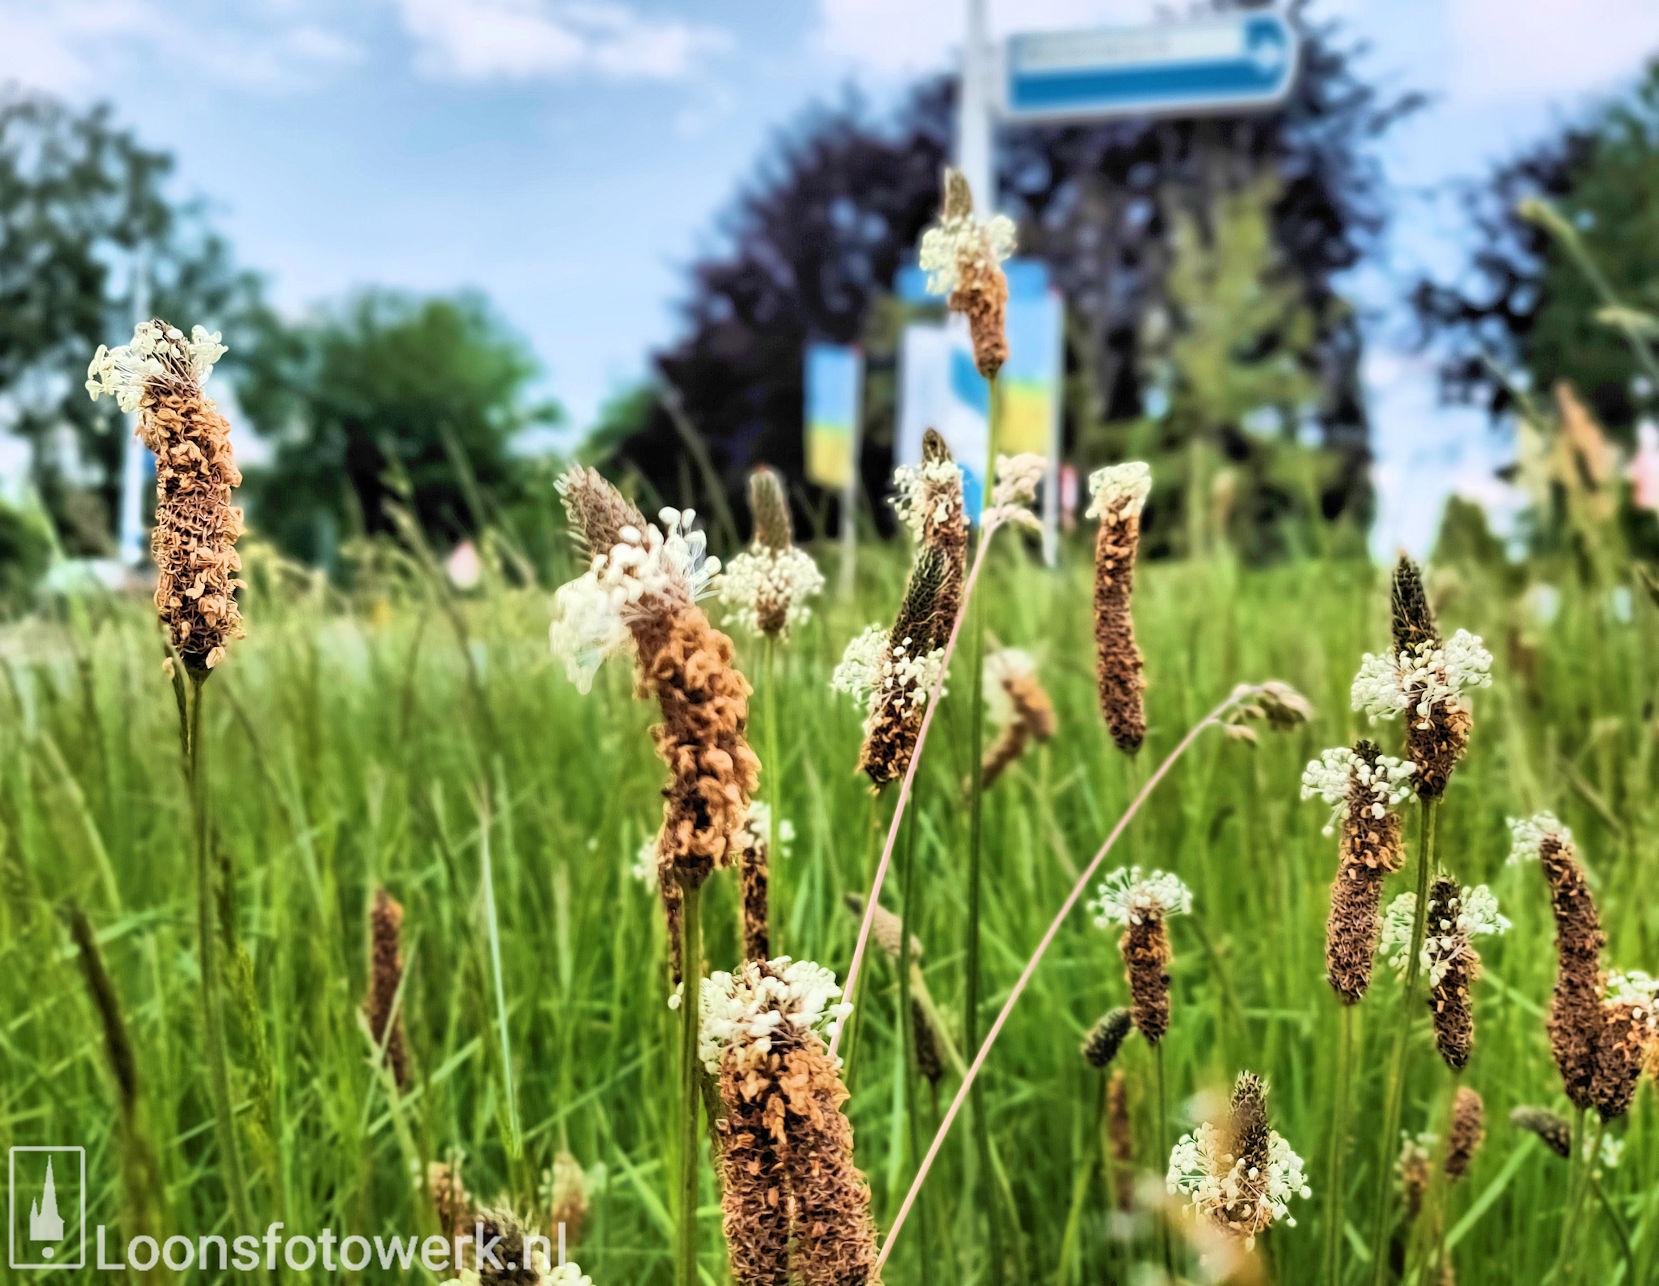 Rotonde Kasteellaan – Kasteelhoevenweg, juni 3